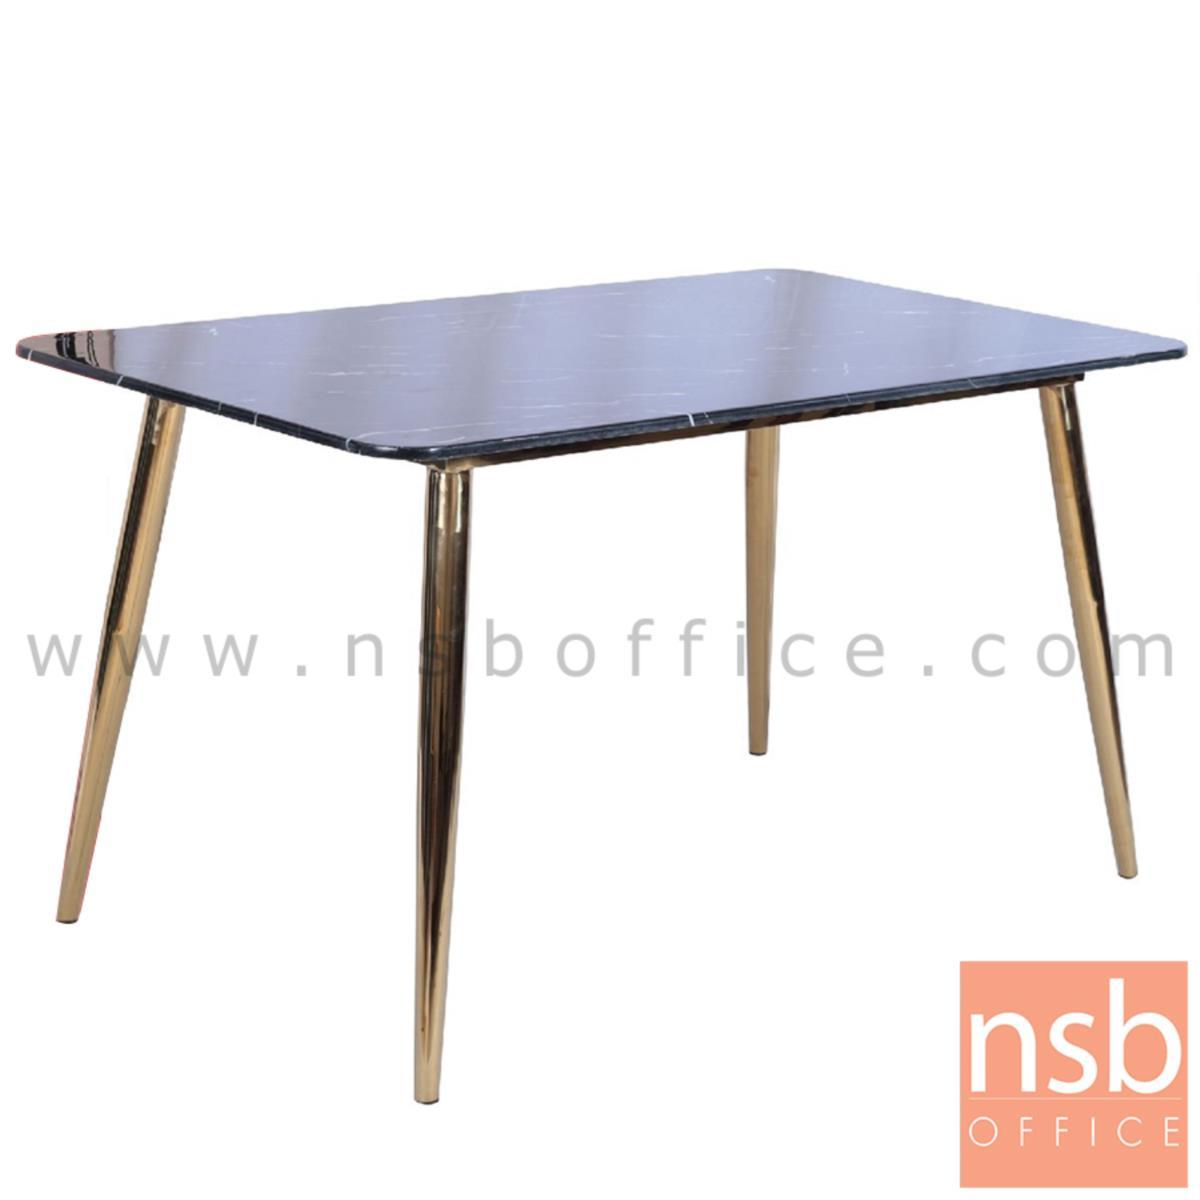 G14A216:โต๊ะรับประทานอาหาร รุ่น Durham (เดอแรม)  หน้าหินอ่อน ขาเหล็กทอง